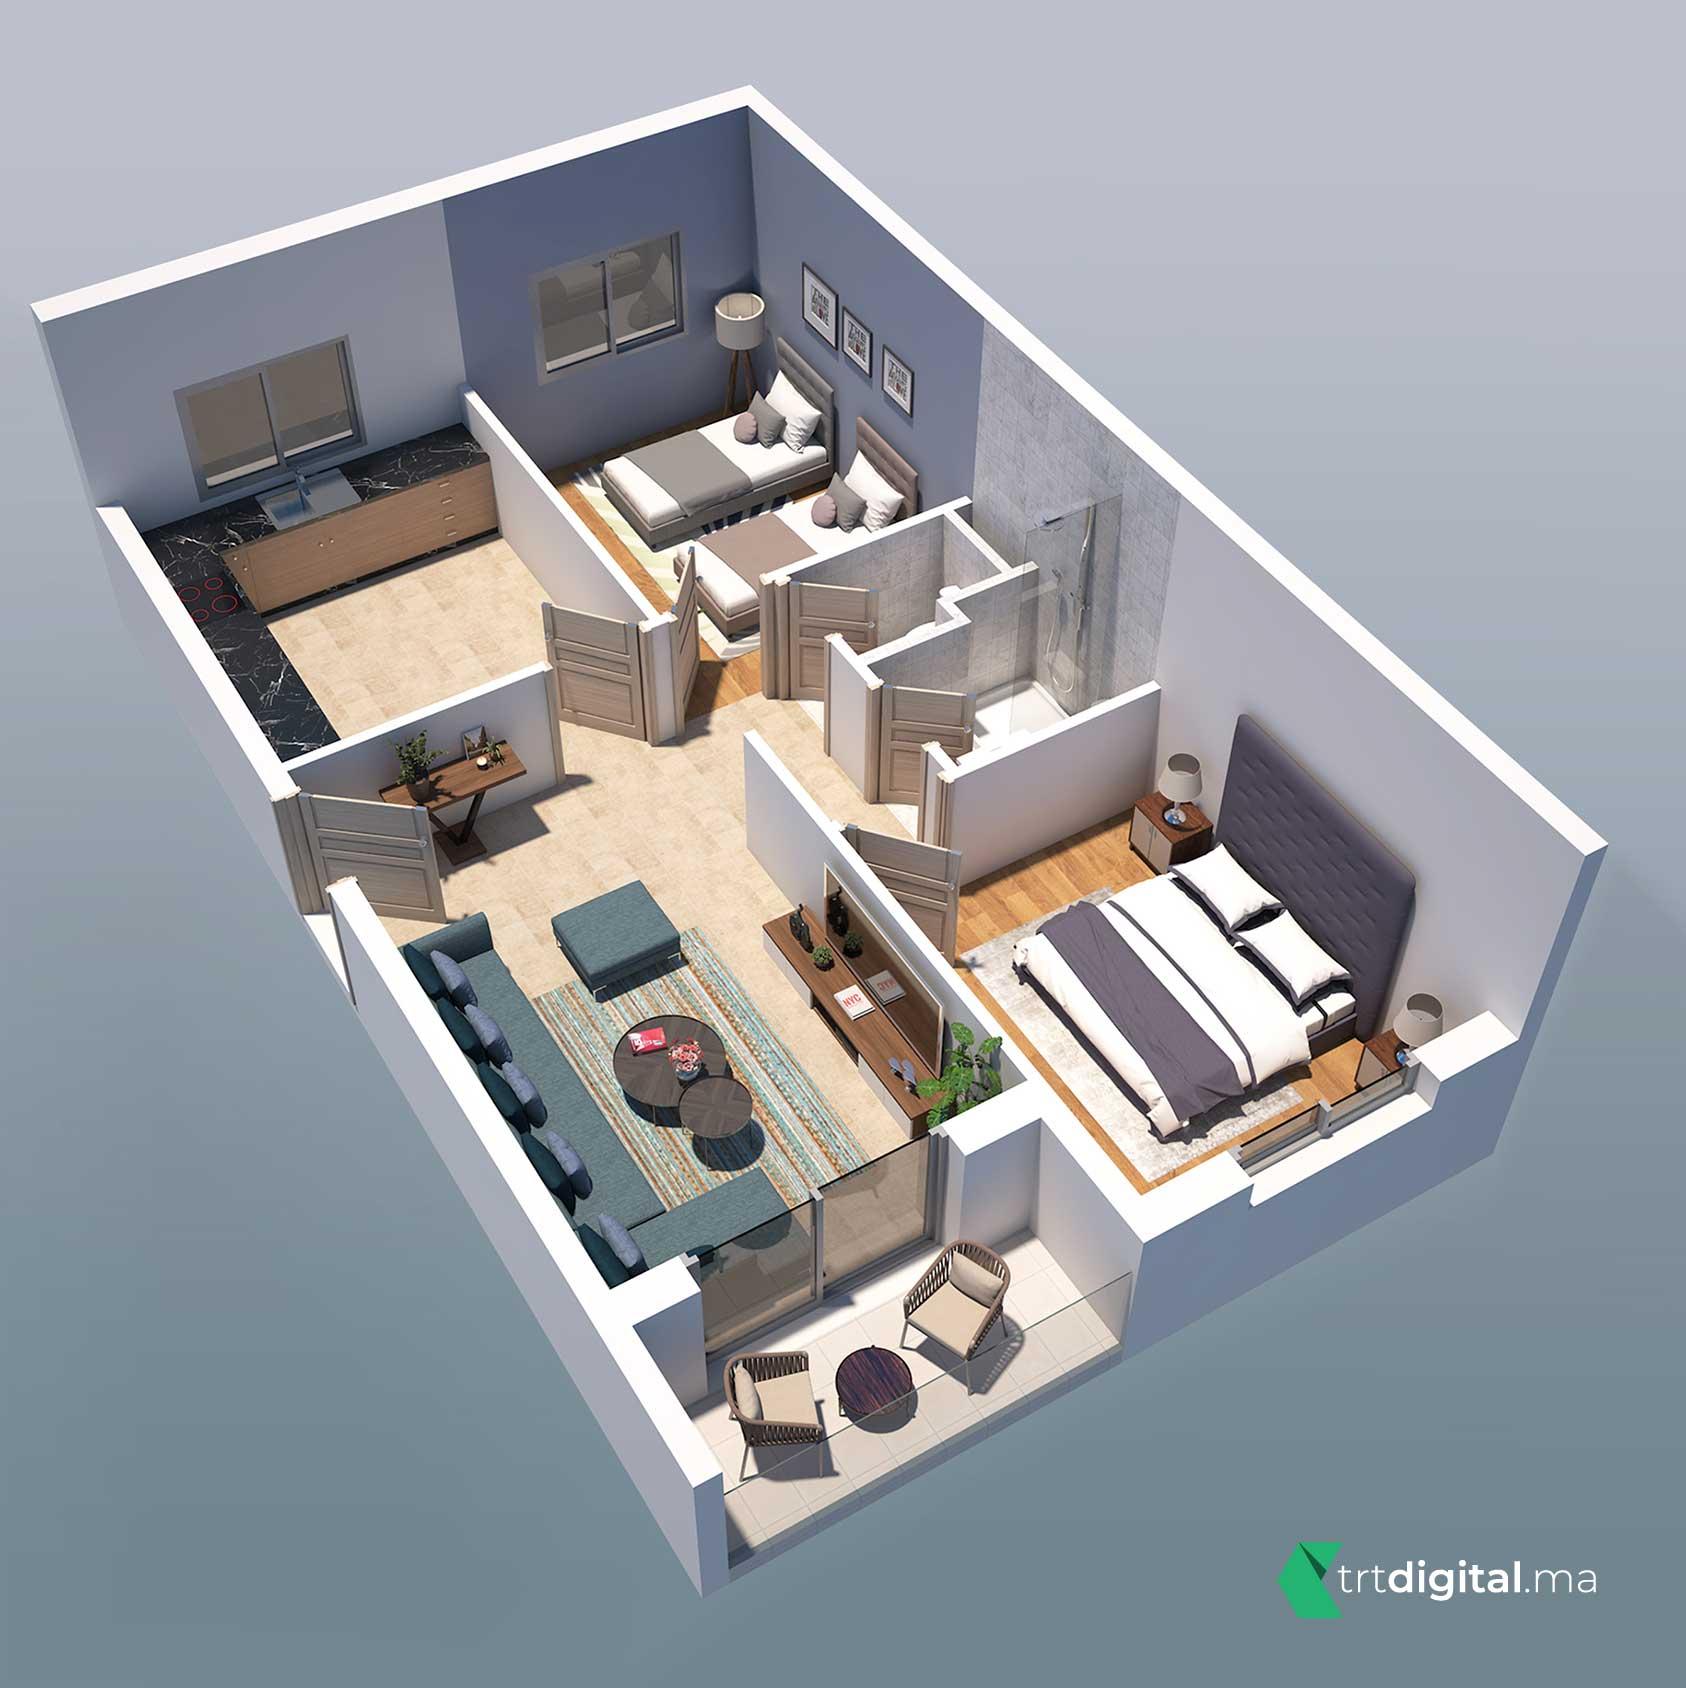 iCom-Agence-de-Communication-au-Maroc-Casablanca-creation-photo-archetecture-interieur-exterieur-3d2020-05-24 at 4.31.04 PM 16